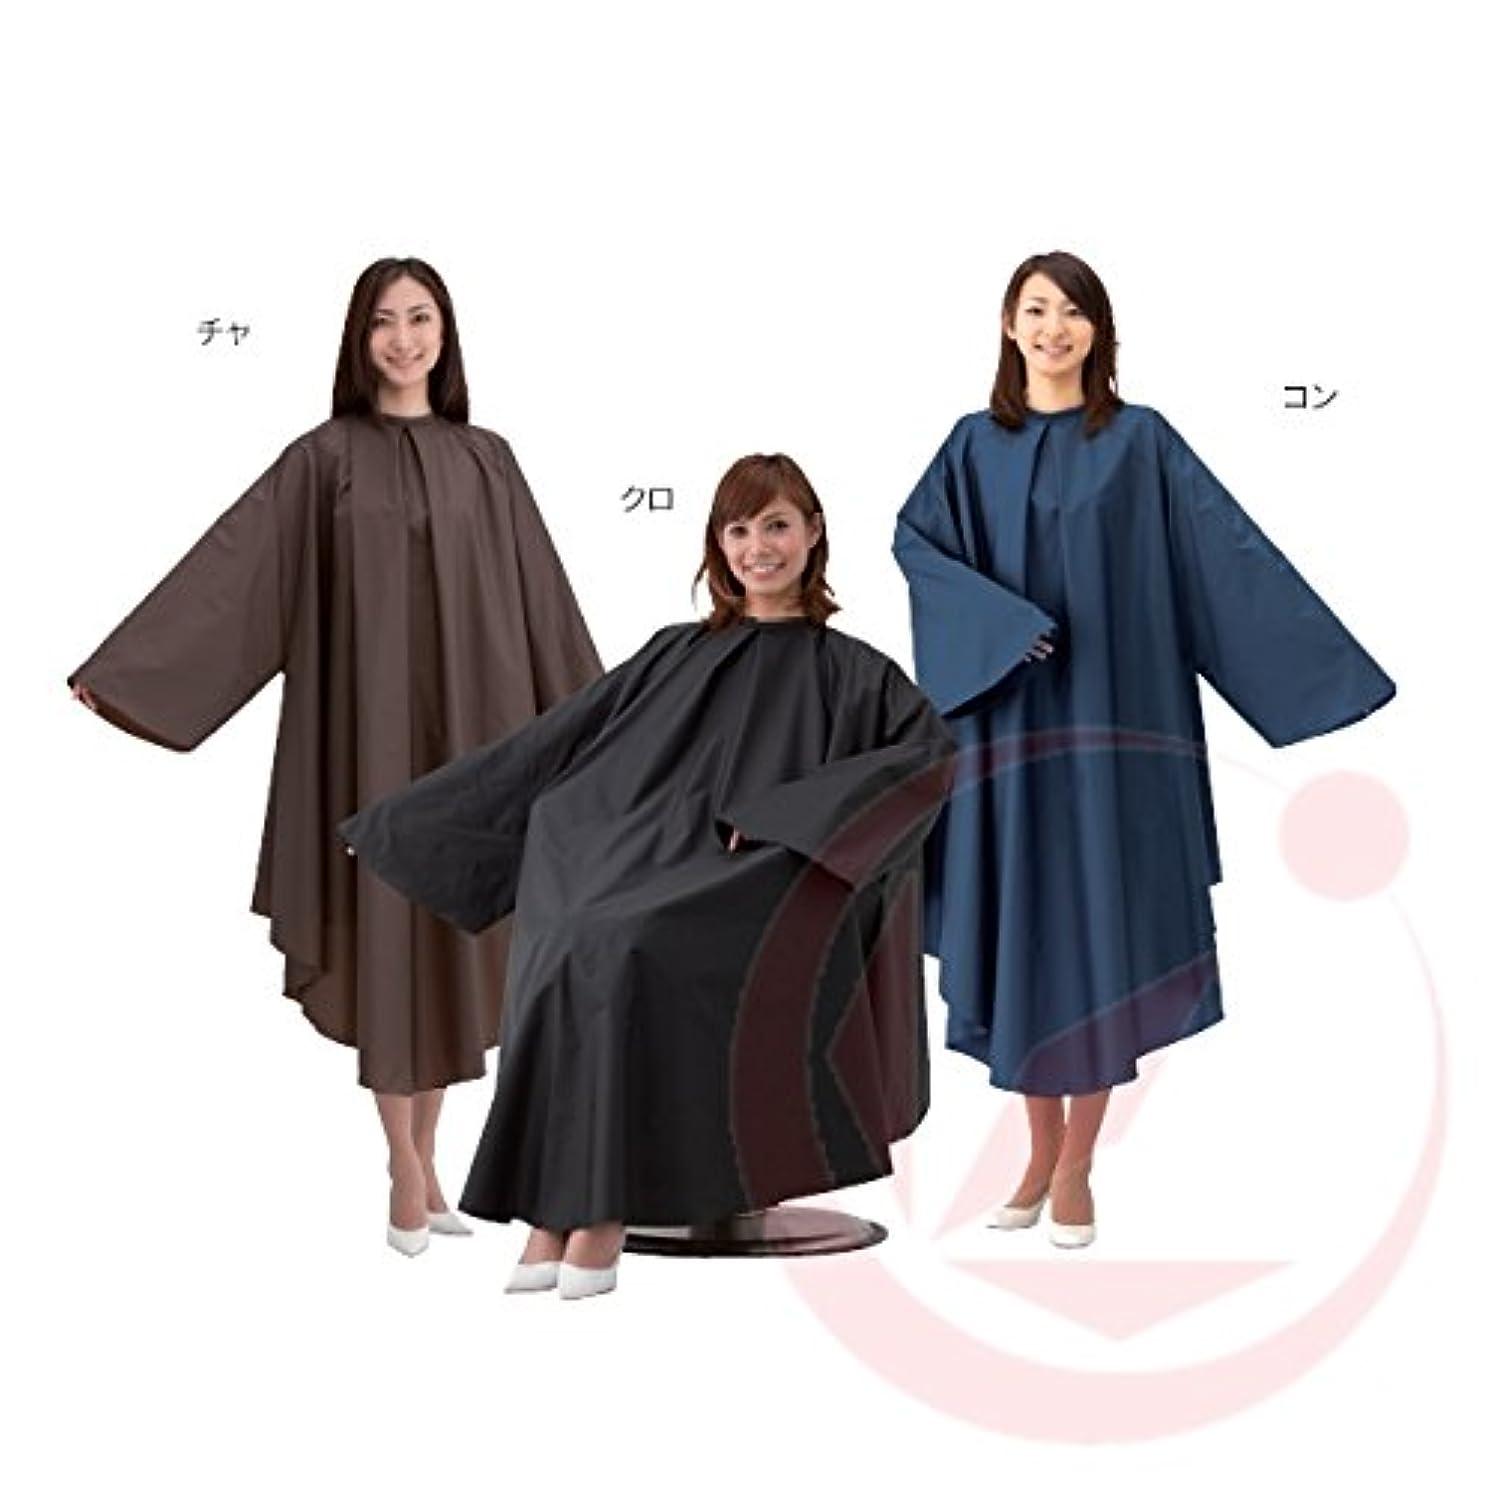 スチュワーデス寄付するビーチカトレア袖付高密度ナイロンヘアダイクロス1080(ヘアダイ?パーマ用) 黒色